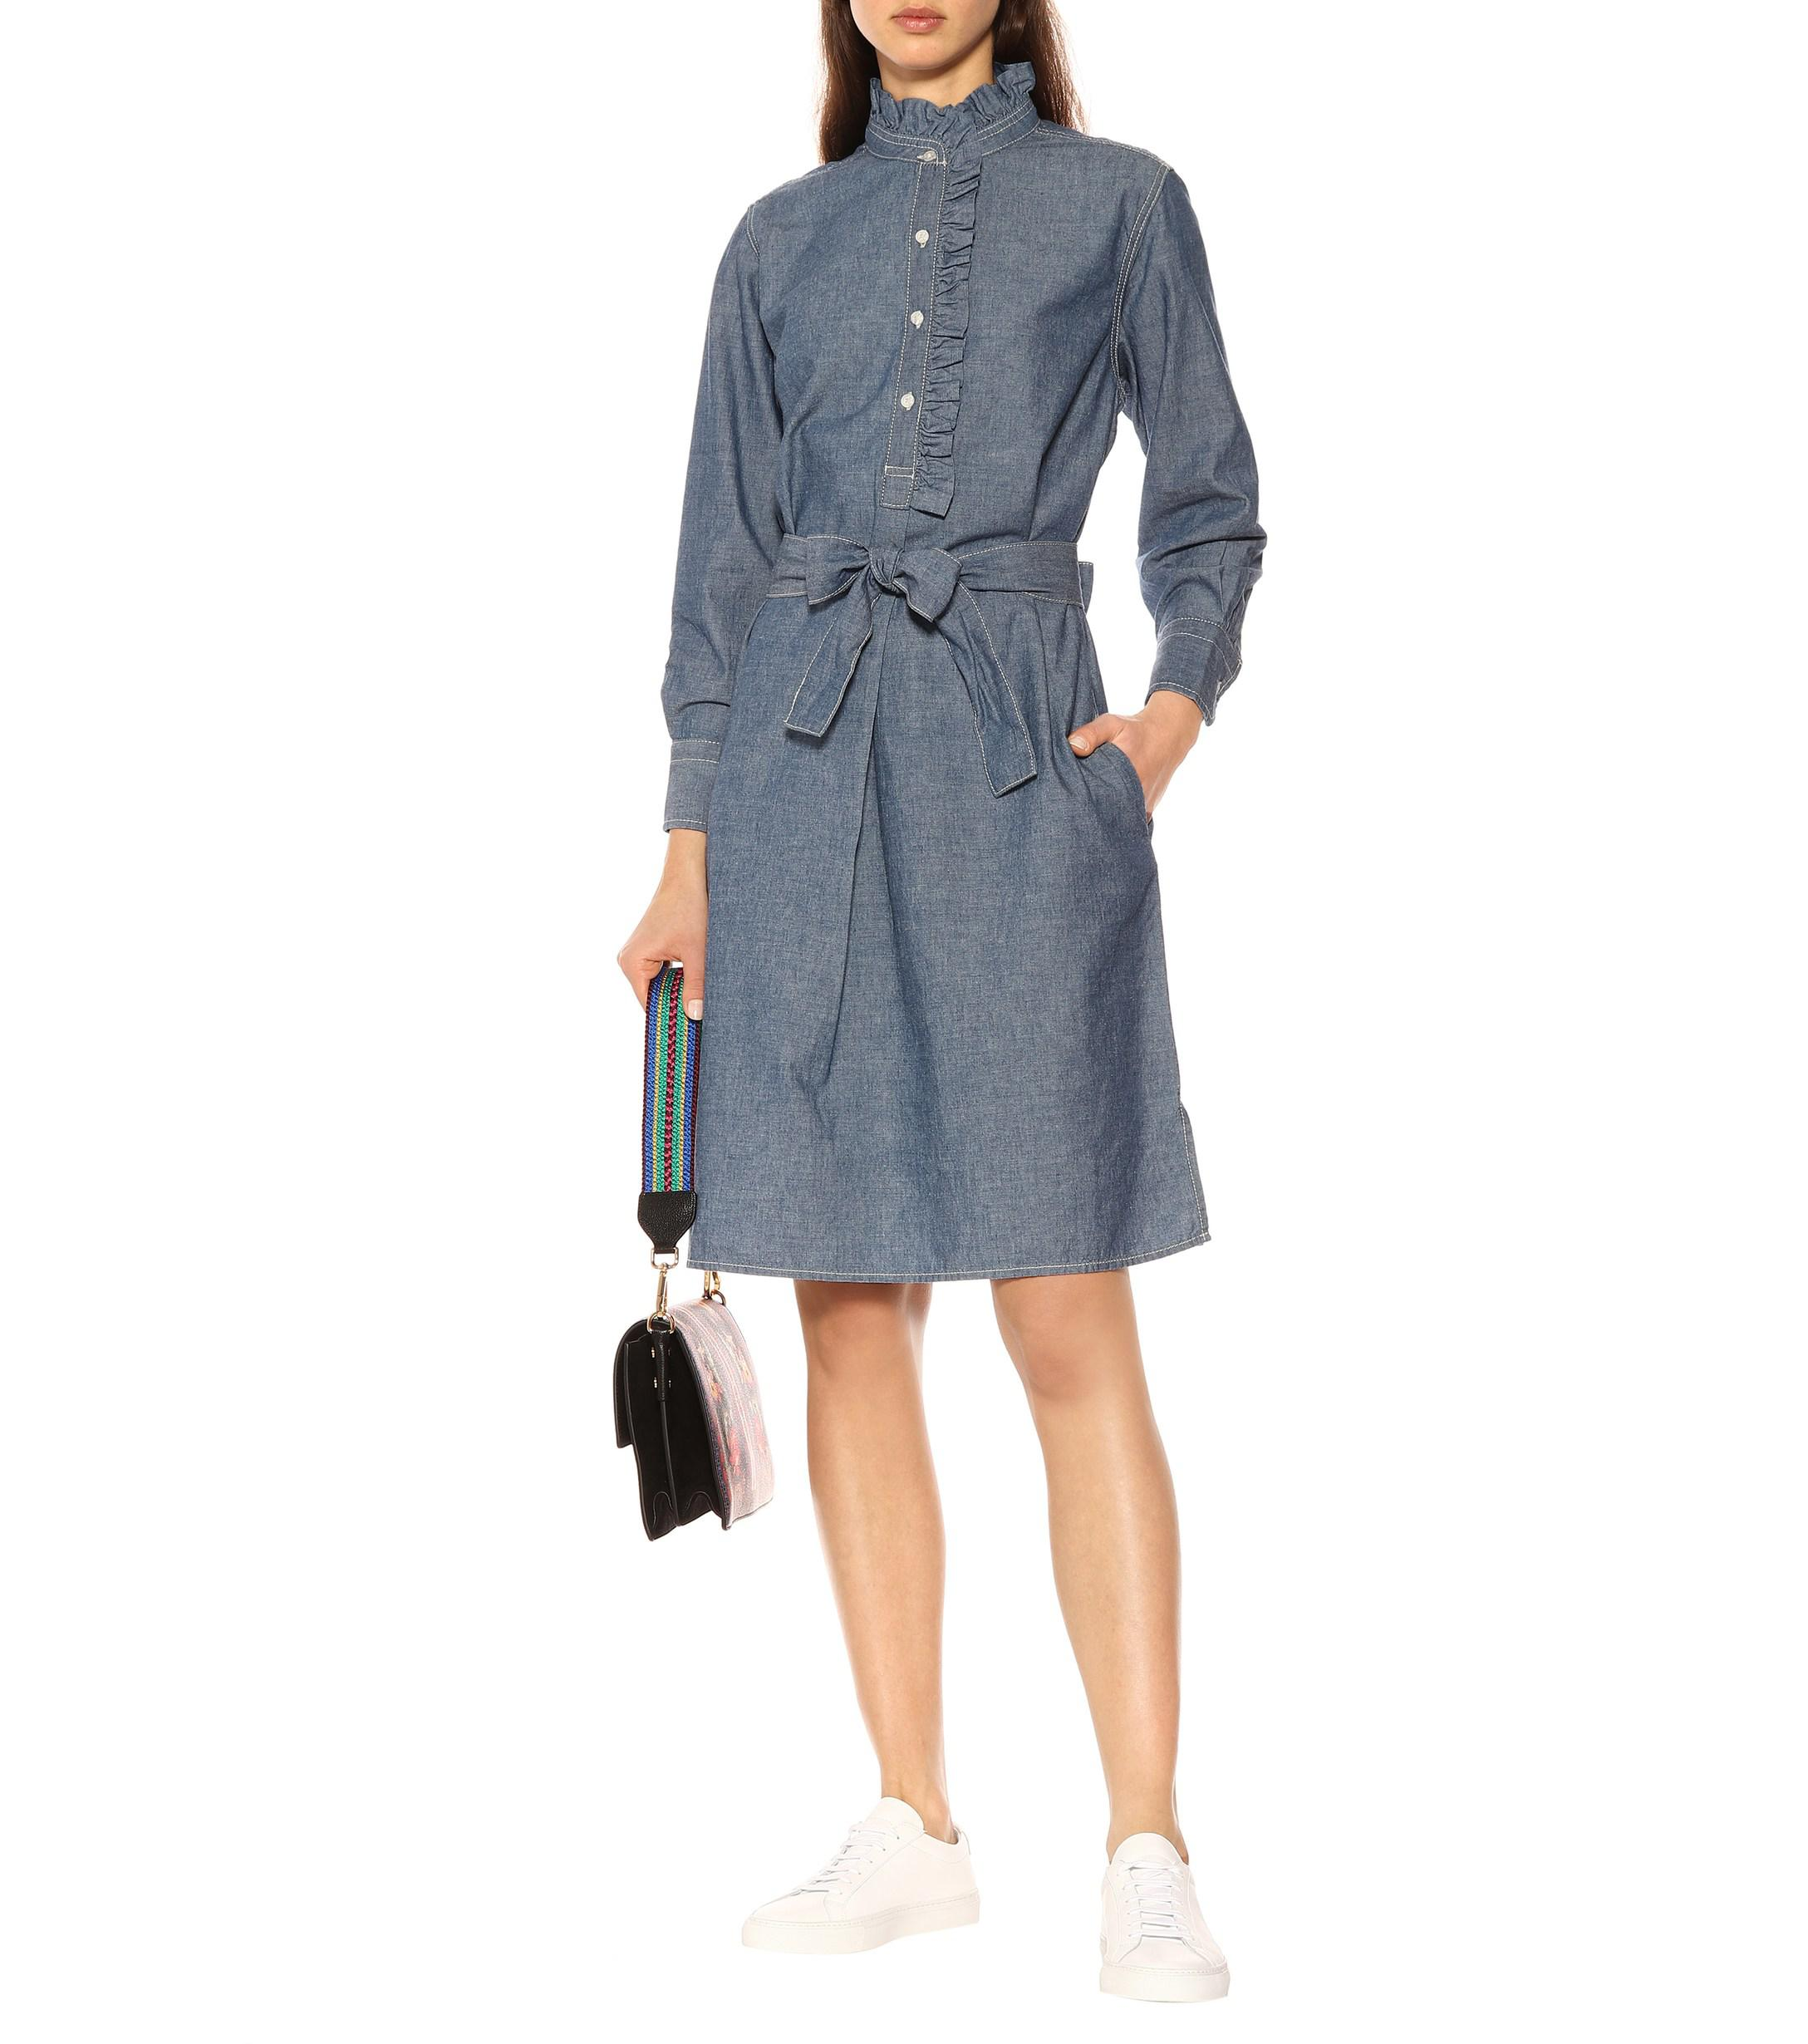 48d0e76d9d Tory Burch - Blue Deneuve Chambray Shirt Dress - Lyst. View fullscreen